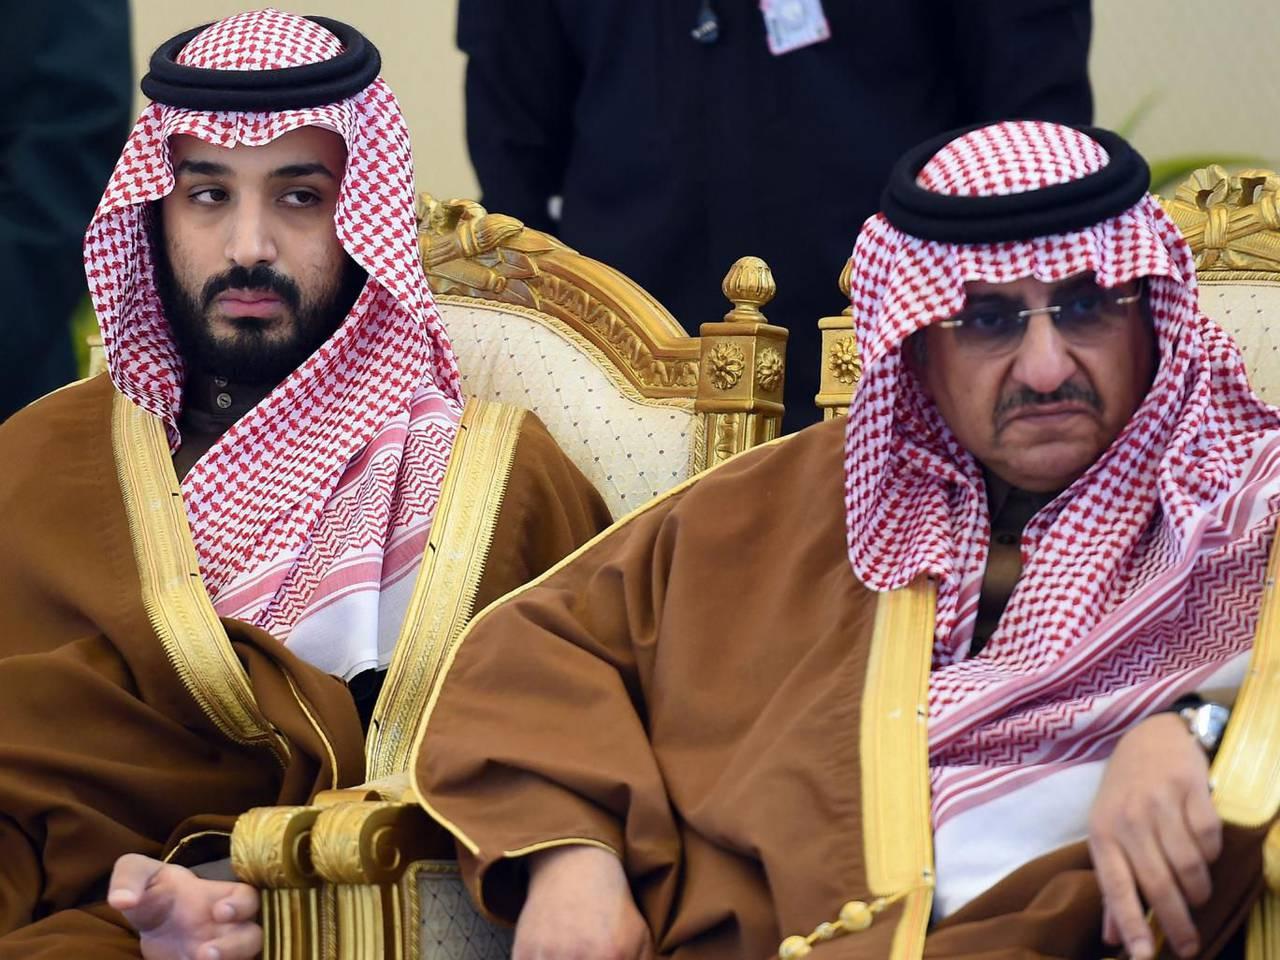 """Нефть по цене """"минус 100$"""" за баррель: Саудовская Аравия внезапно изменила свои планы -  Bloomberg"""